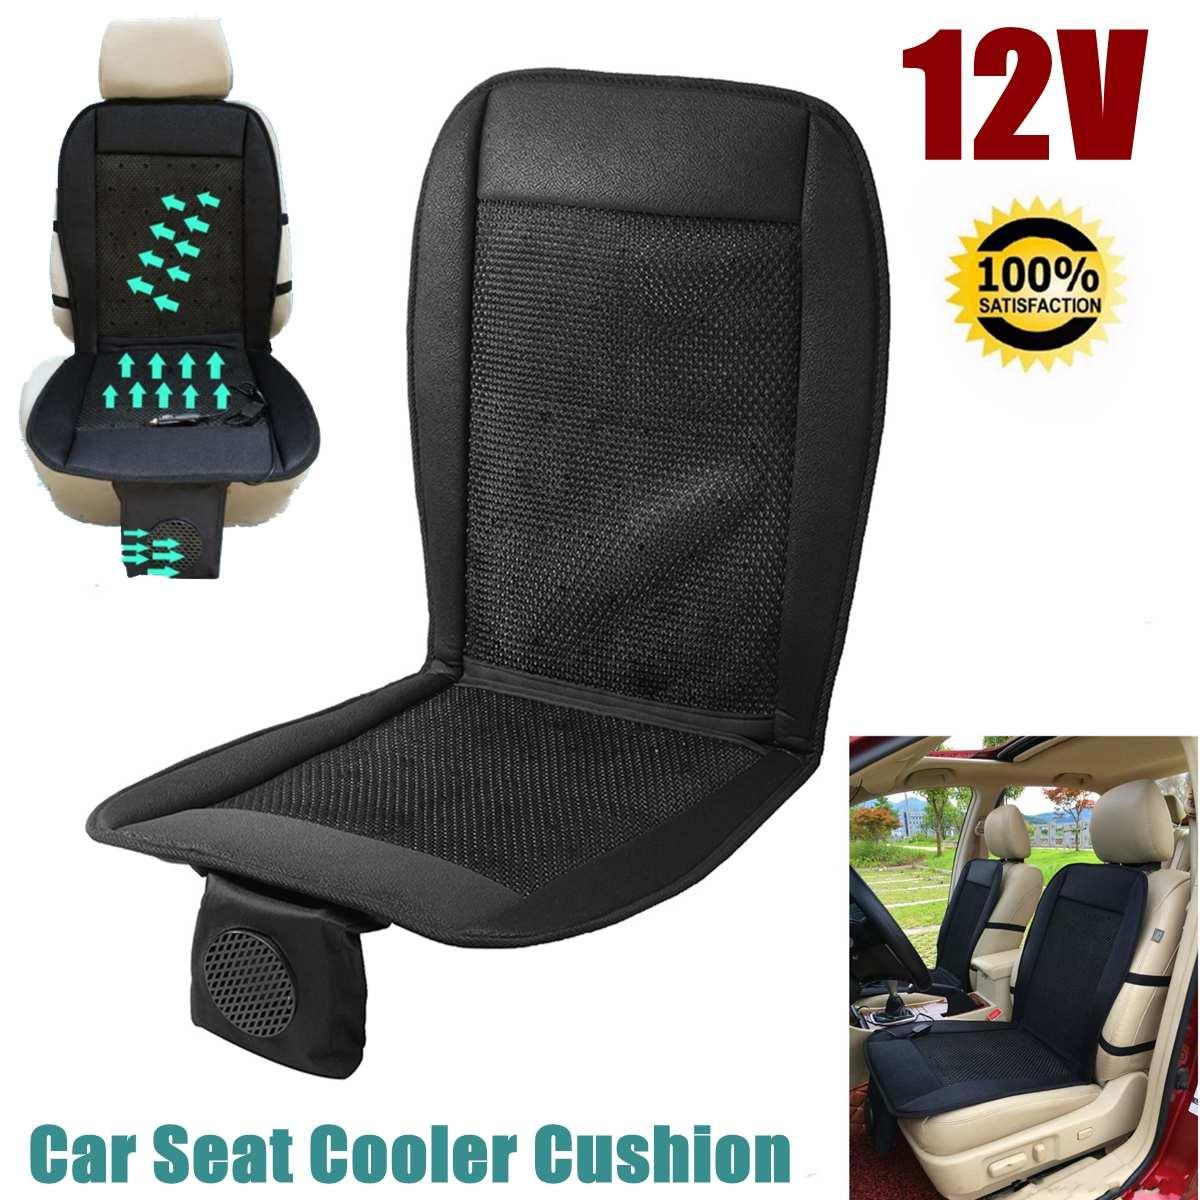 12 V Nova verão fresco almofada de ventilação do carro massagem assento almofada do assento de refrigeração de ar do ventilador de ar condicionado almofada 2 velocidades baixa/alta